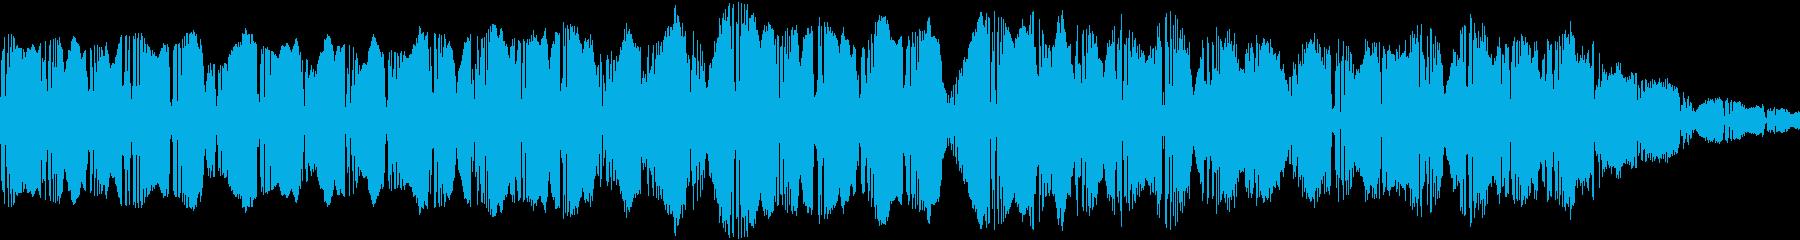 VCS 3 0505 ZGの再生済みの波形